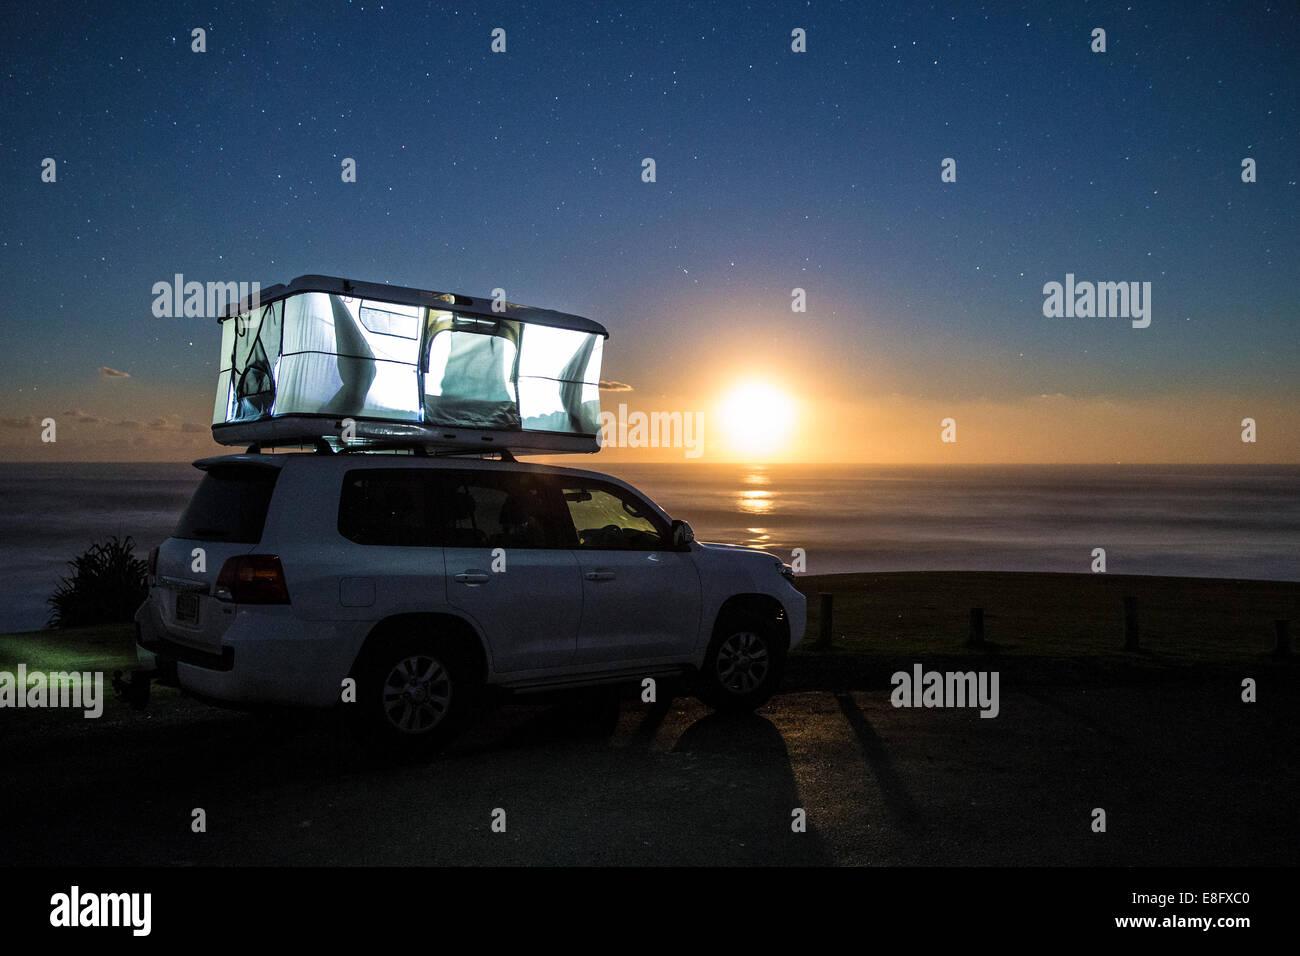 Tienda de dormir en la parte superior del coche Imagen De Stock